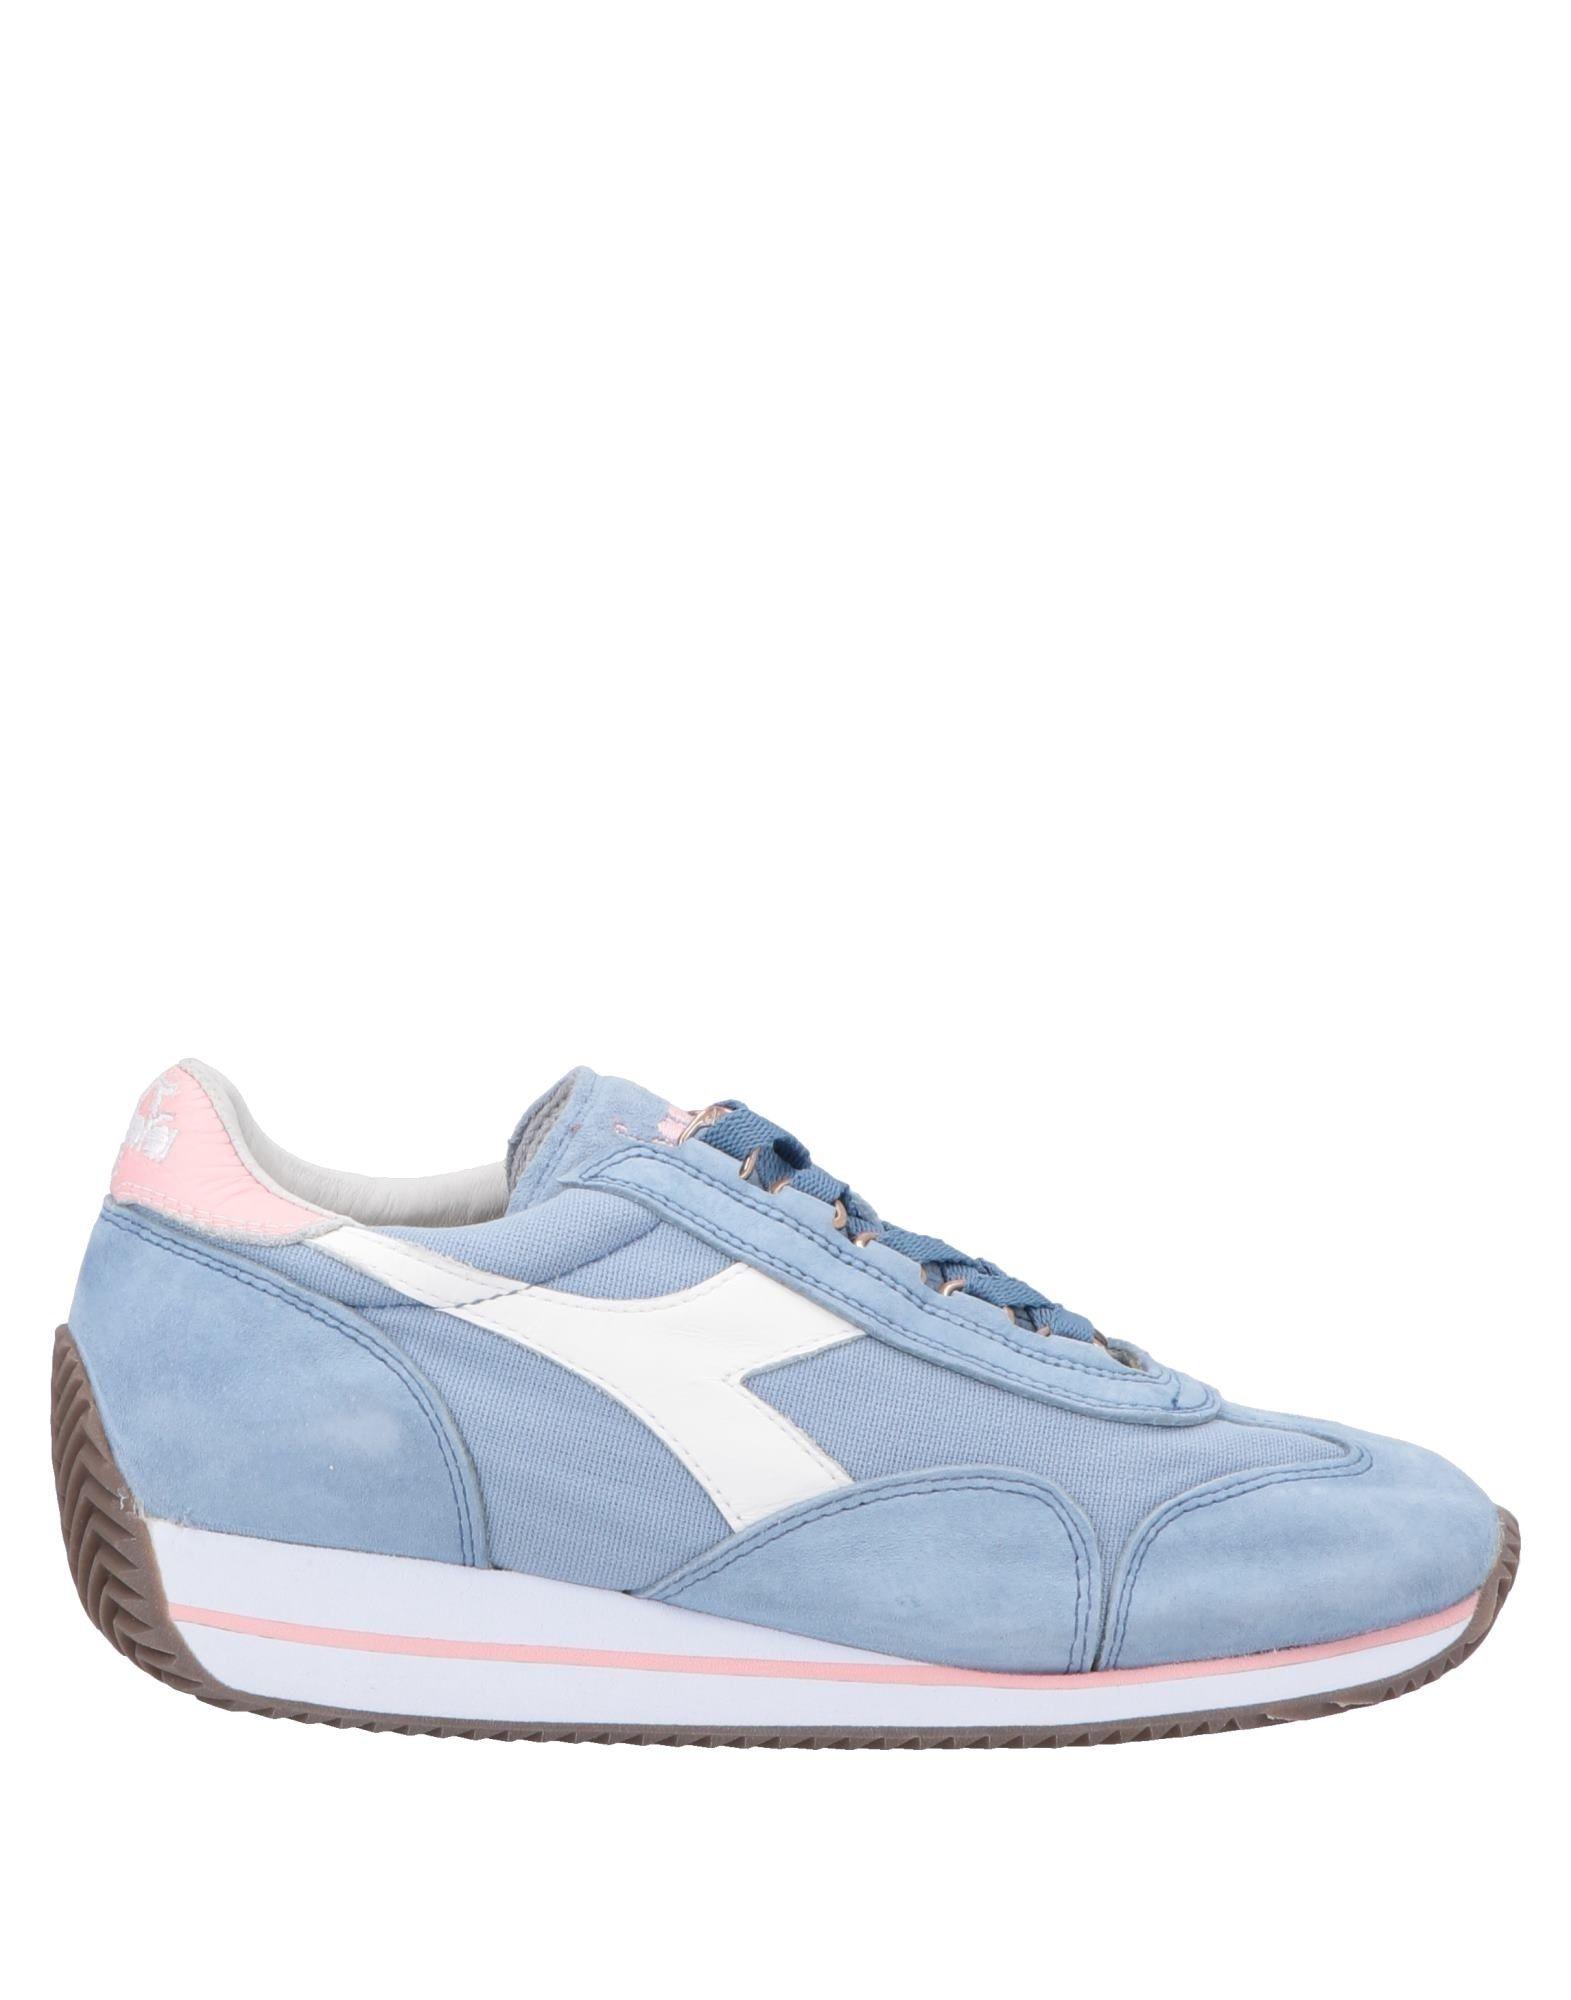 Diadora Sneakers Sneakers